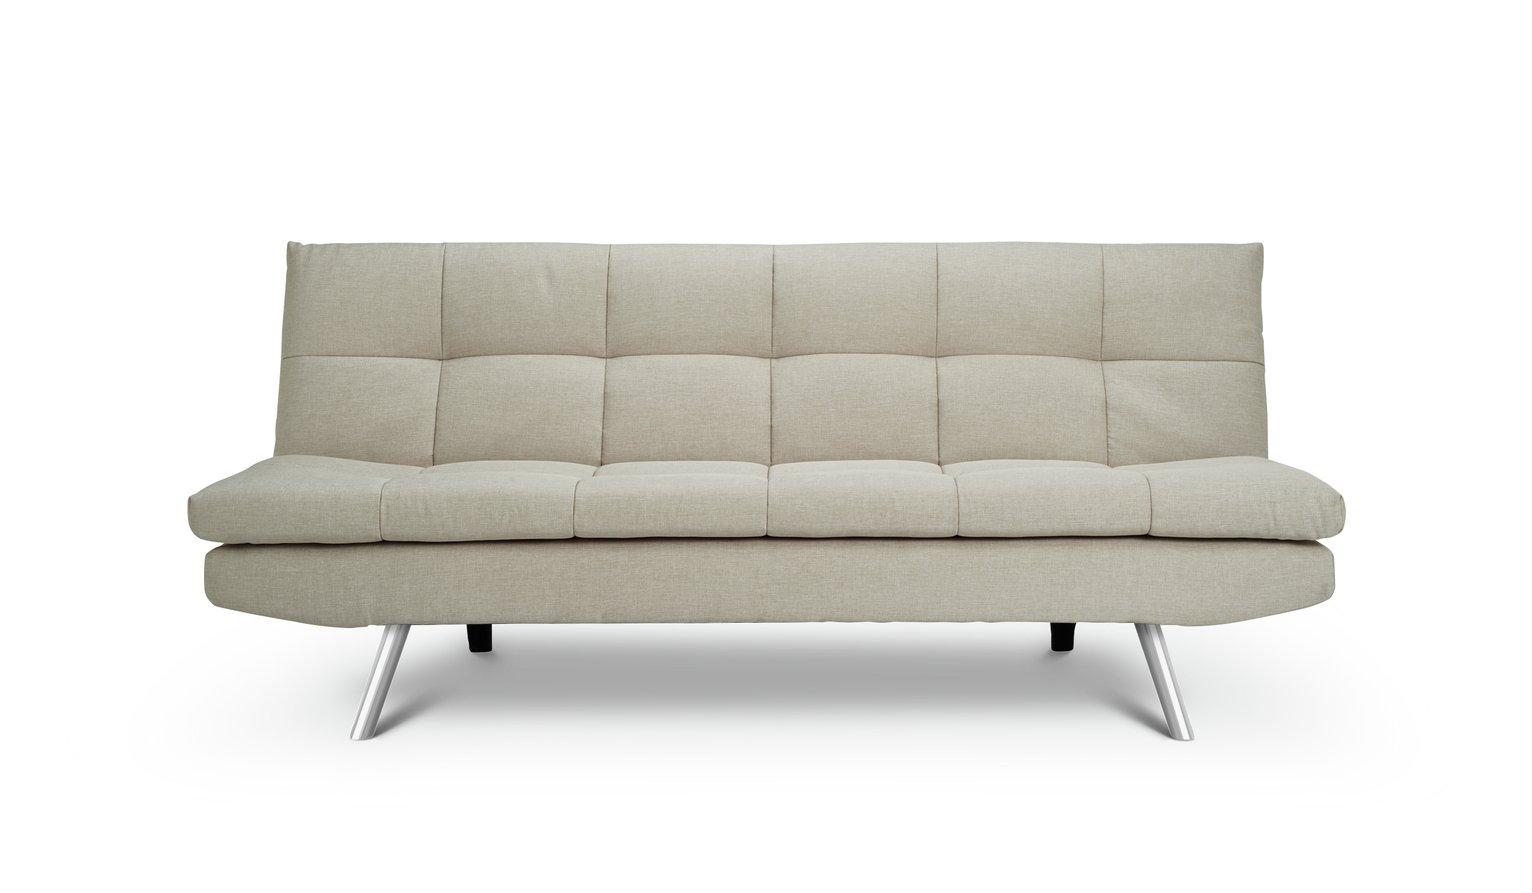 Argos Home Nolan 3 Seater Fabric Sofa Bed - Natural